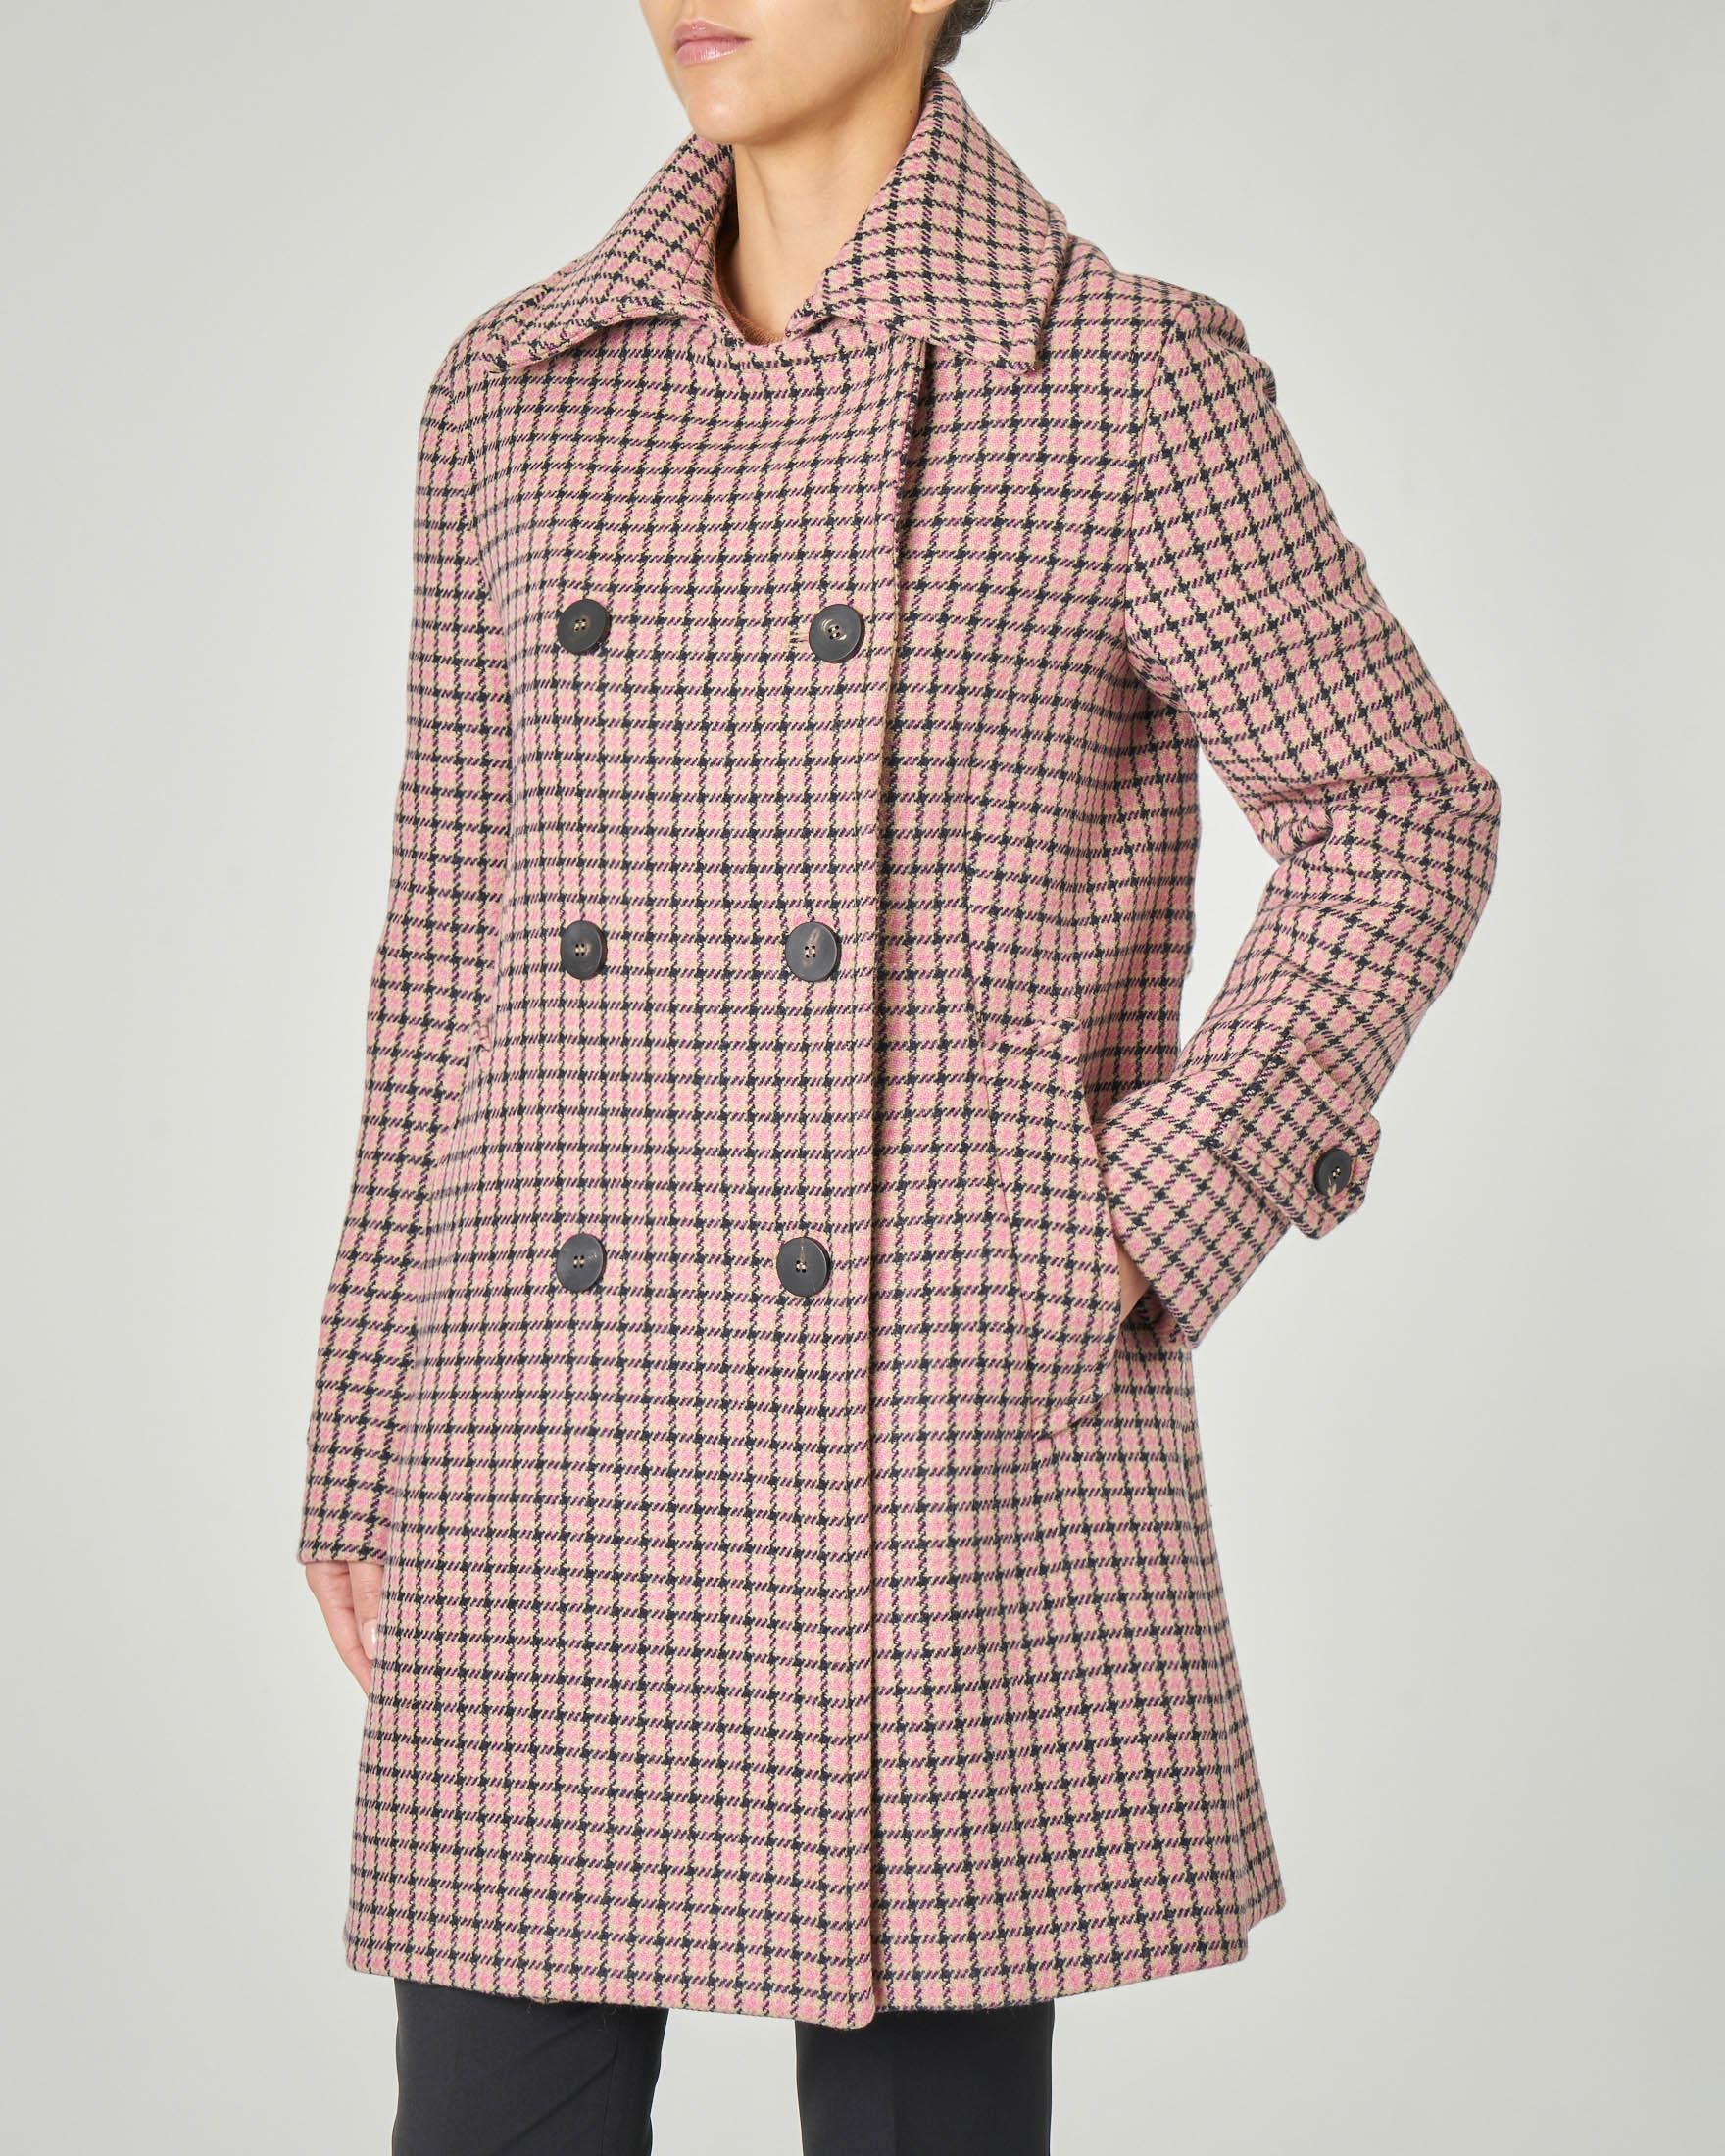 Cappotto doppiopetto con colletto a camicia in tessuto misto lana a fantasia pied de poule cammello e rosa